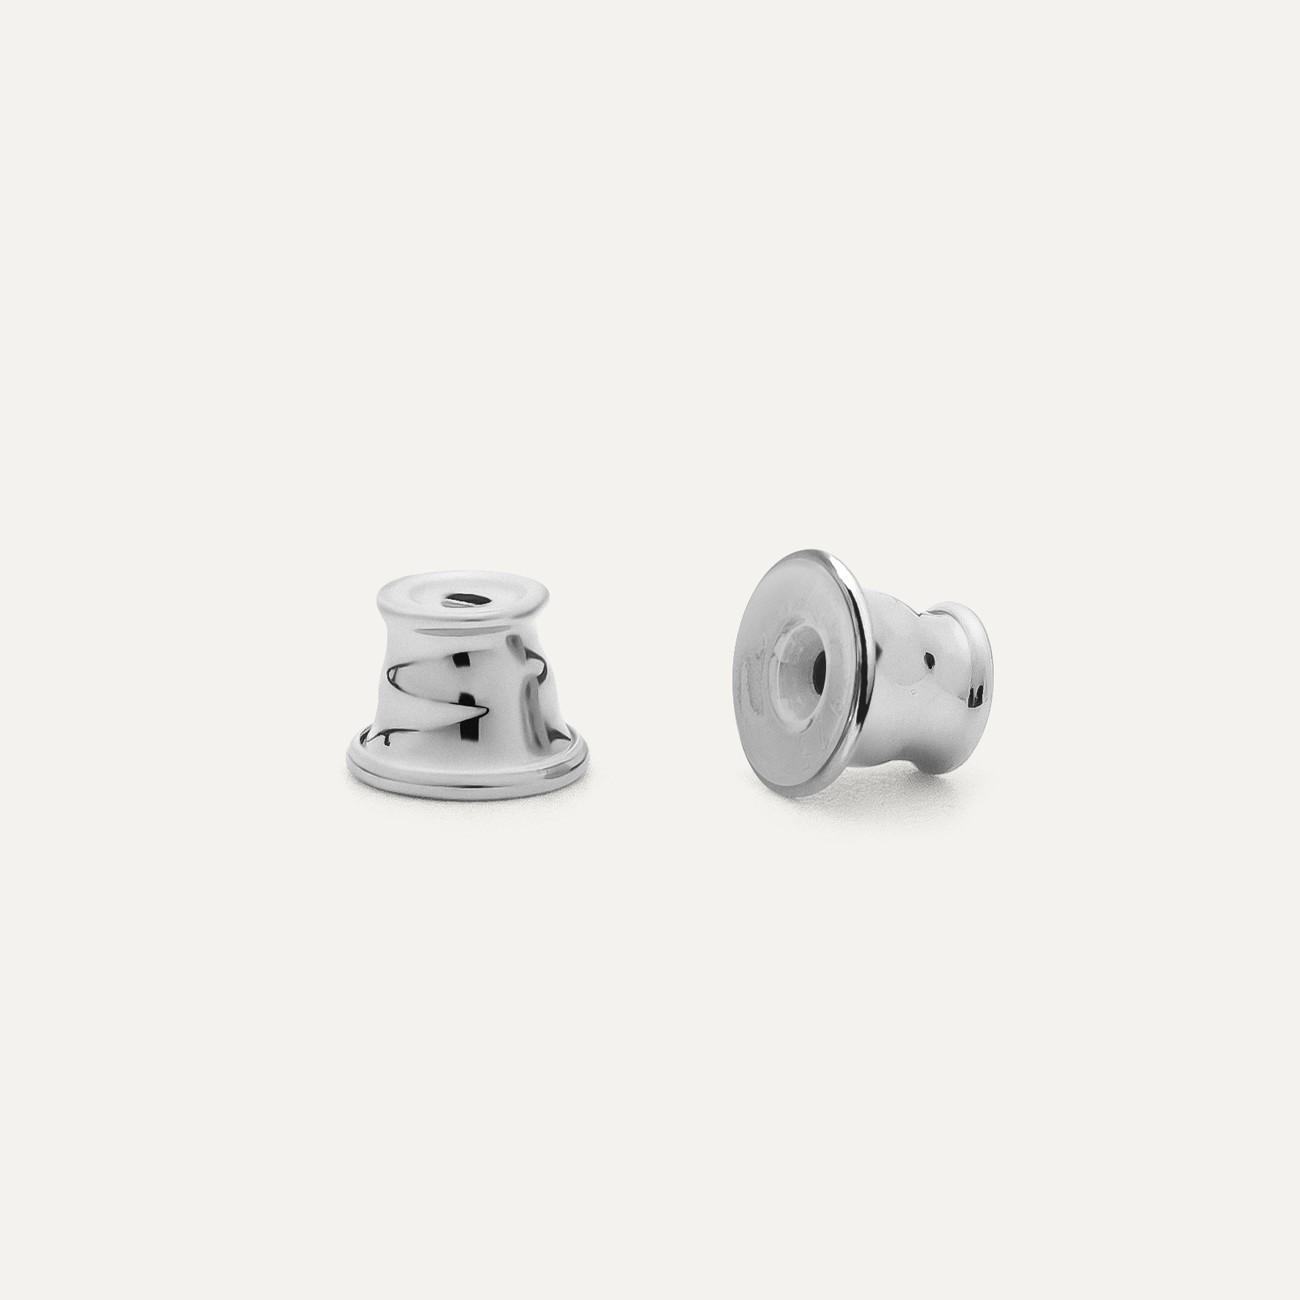 Silber zurück stopper Silber